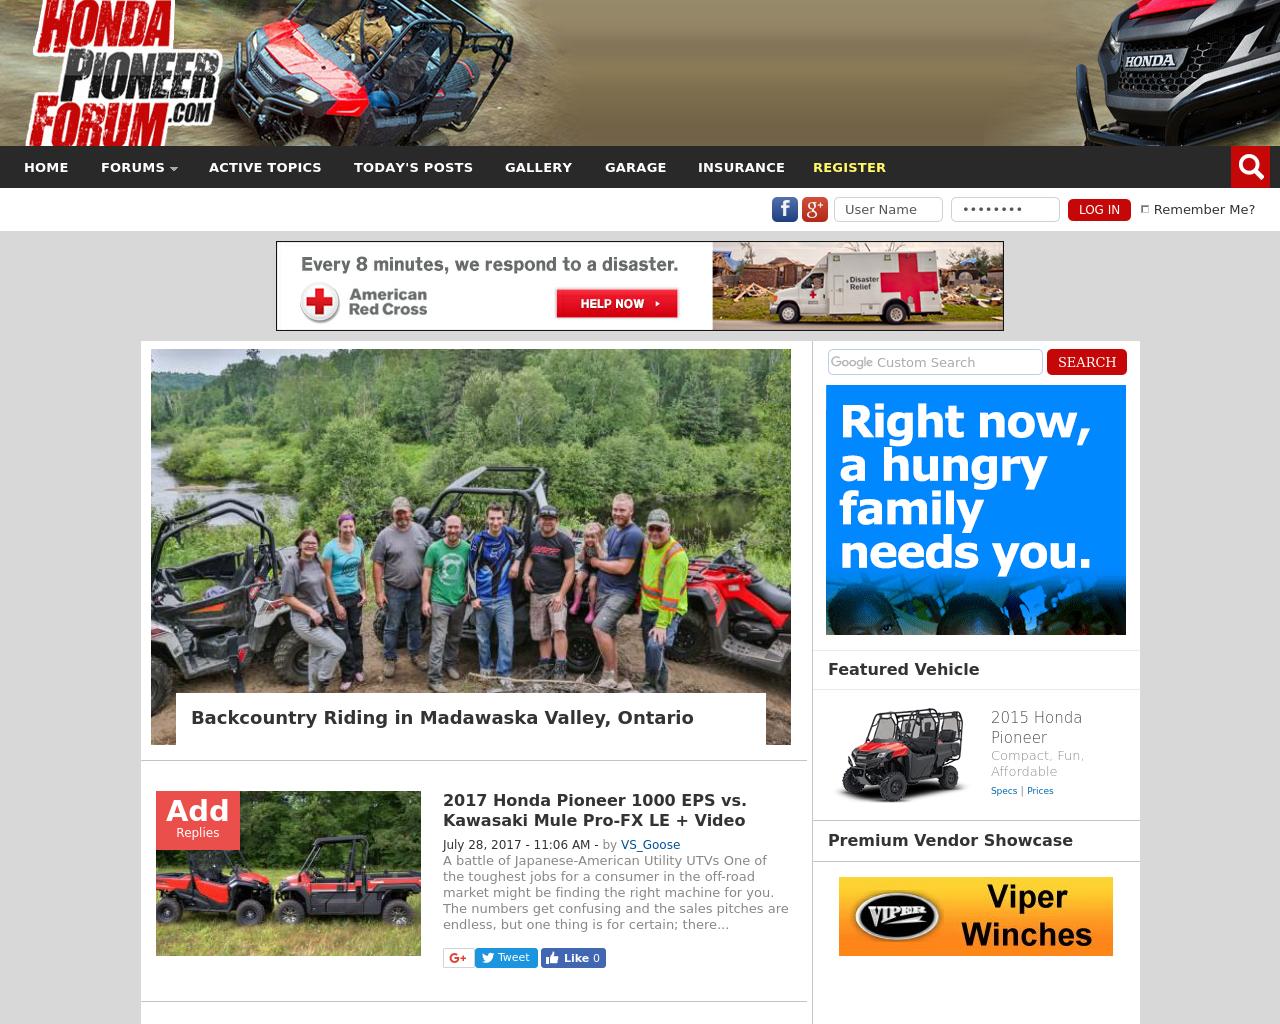 Honda-Pioneer-Forum-Advertising-Reviews-Pricing